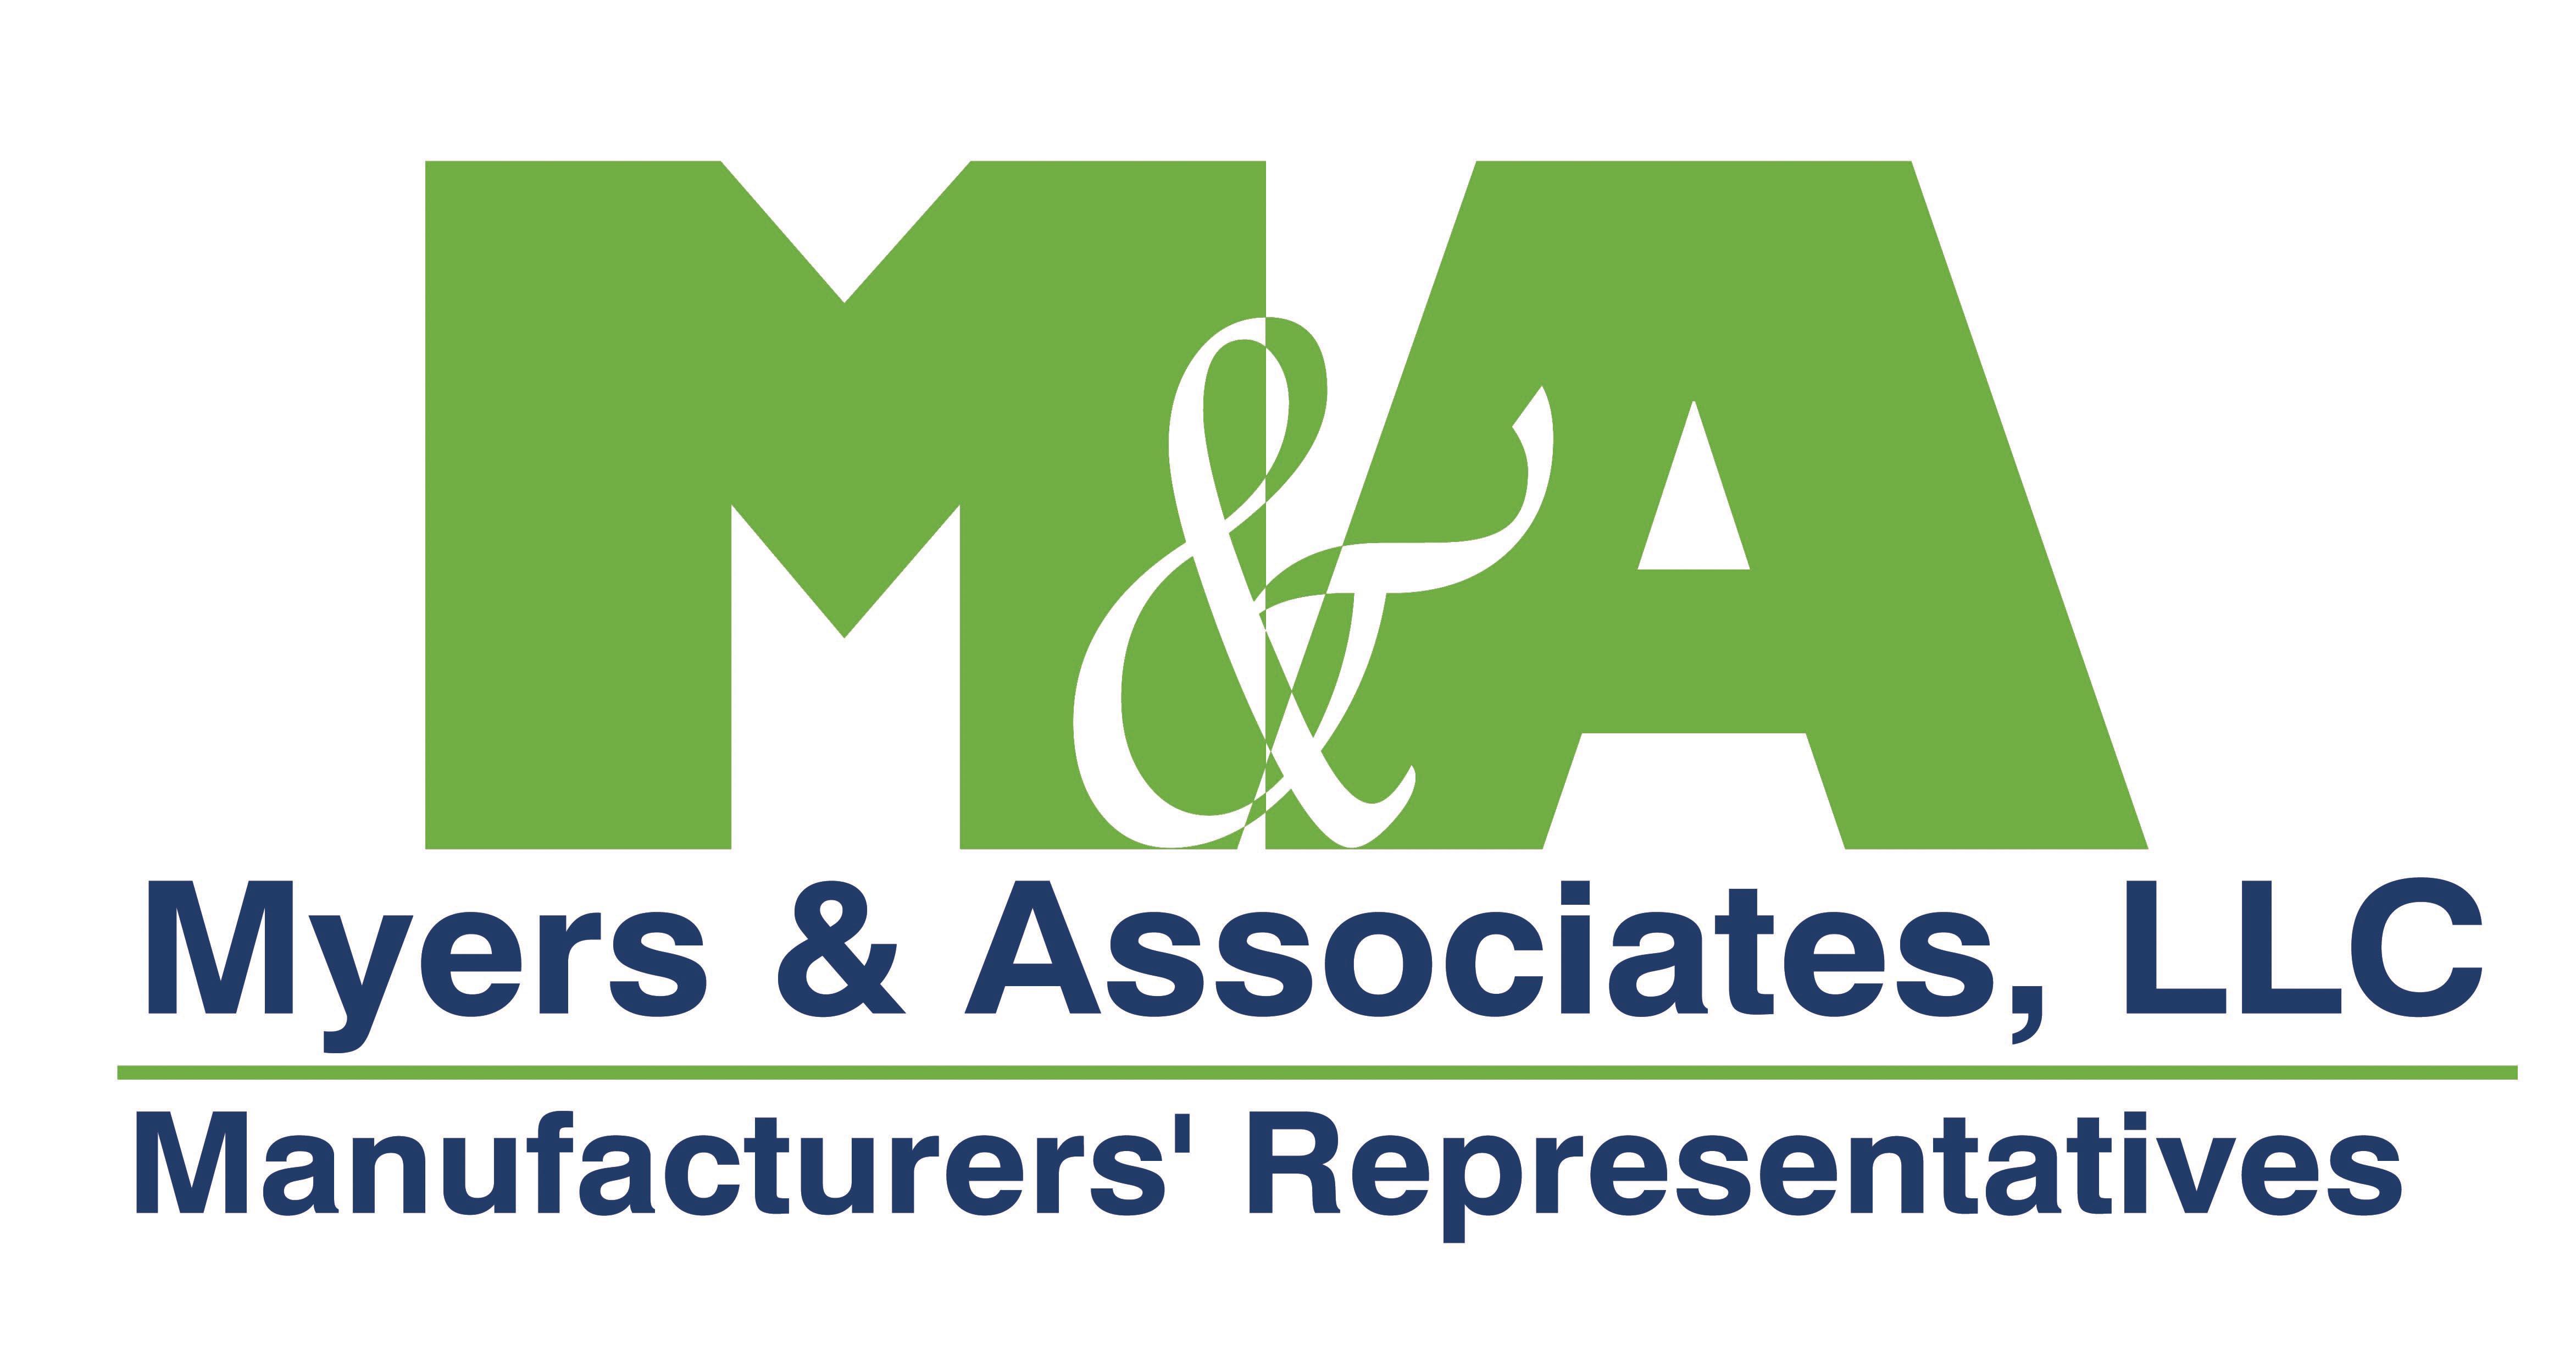 Myers & Associates